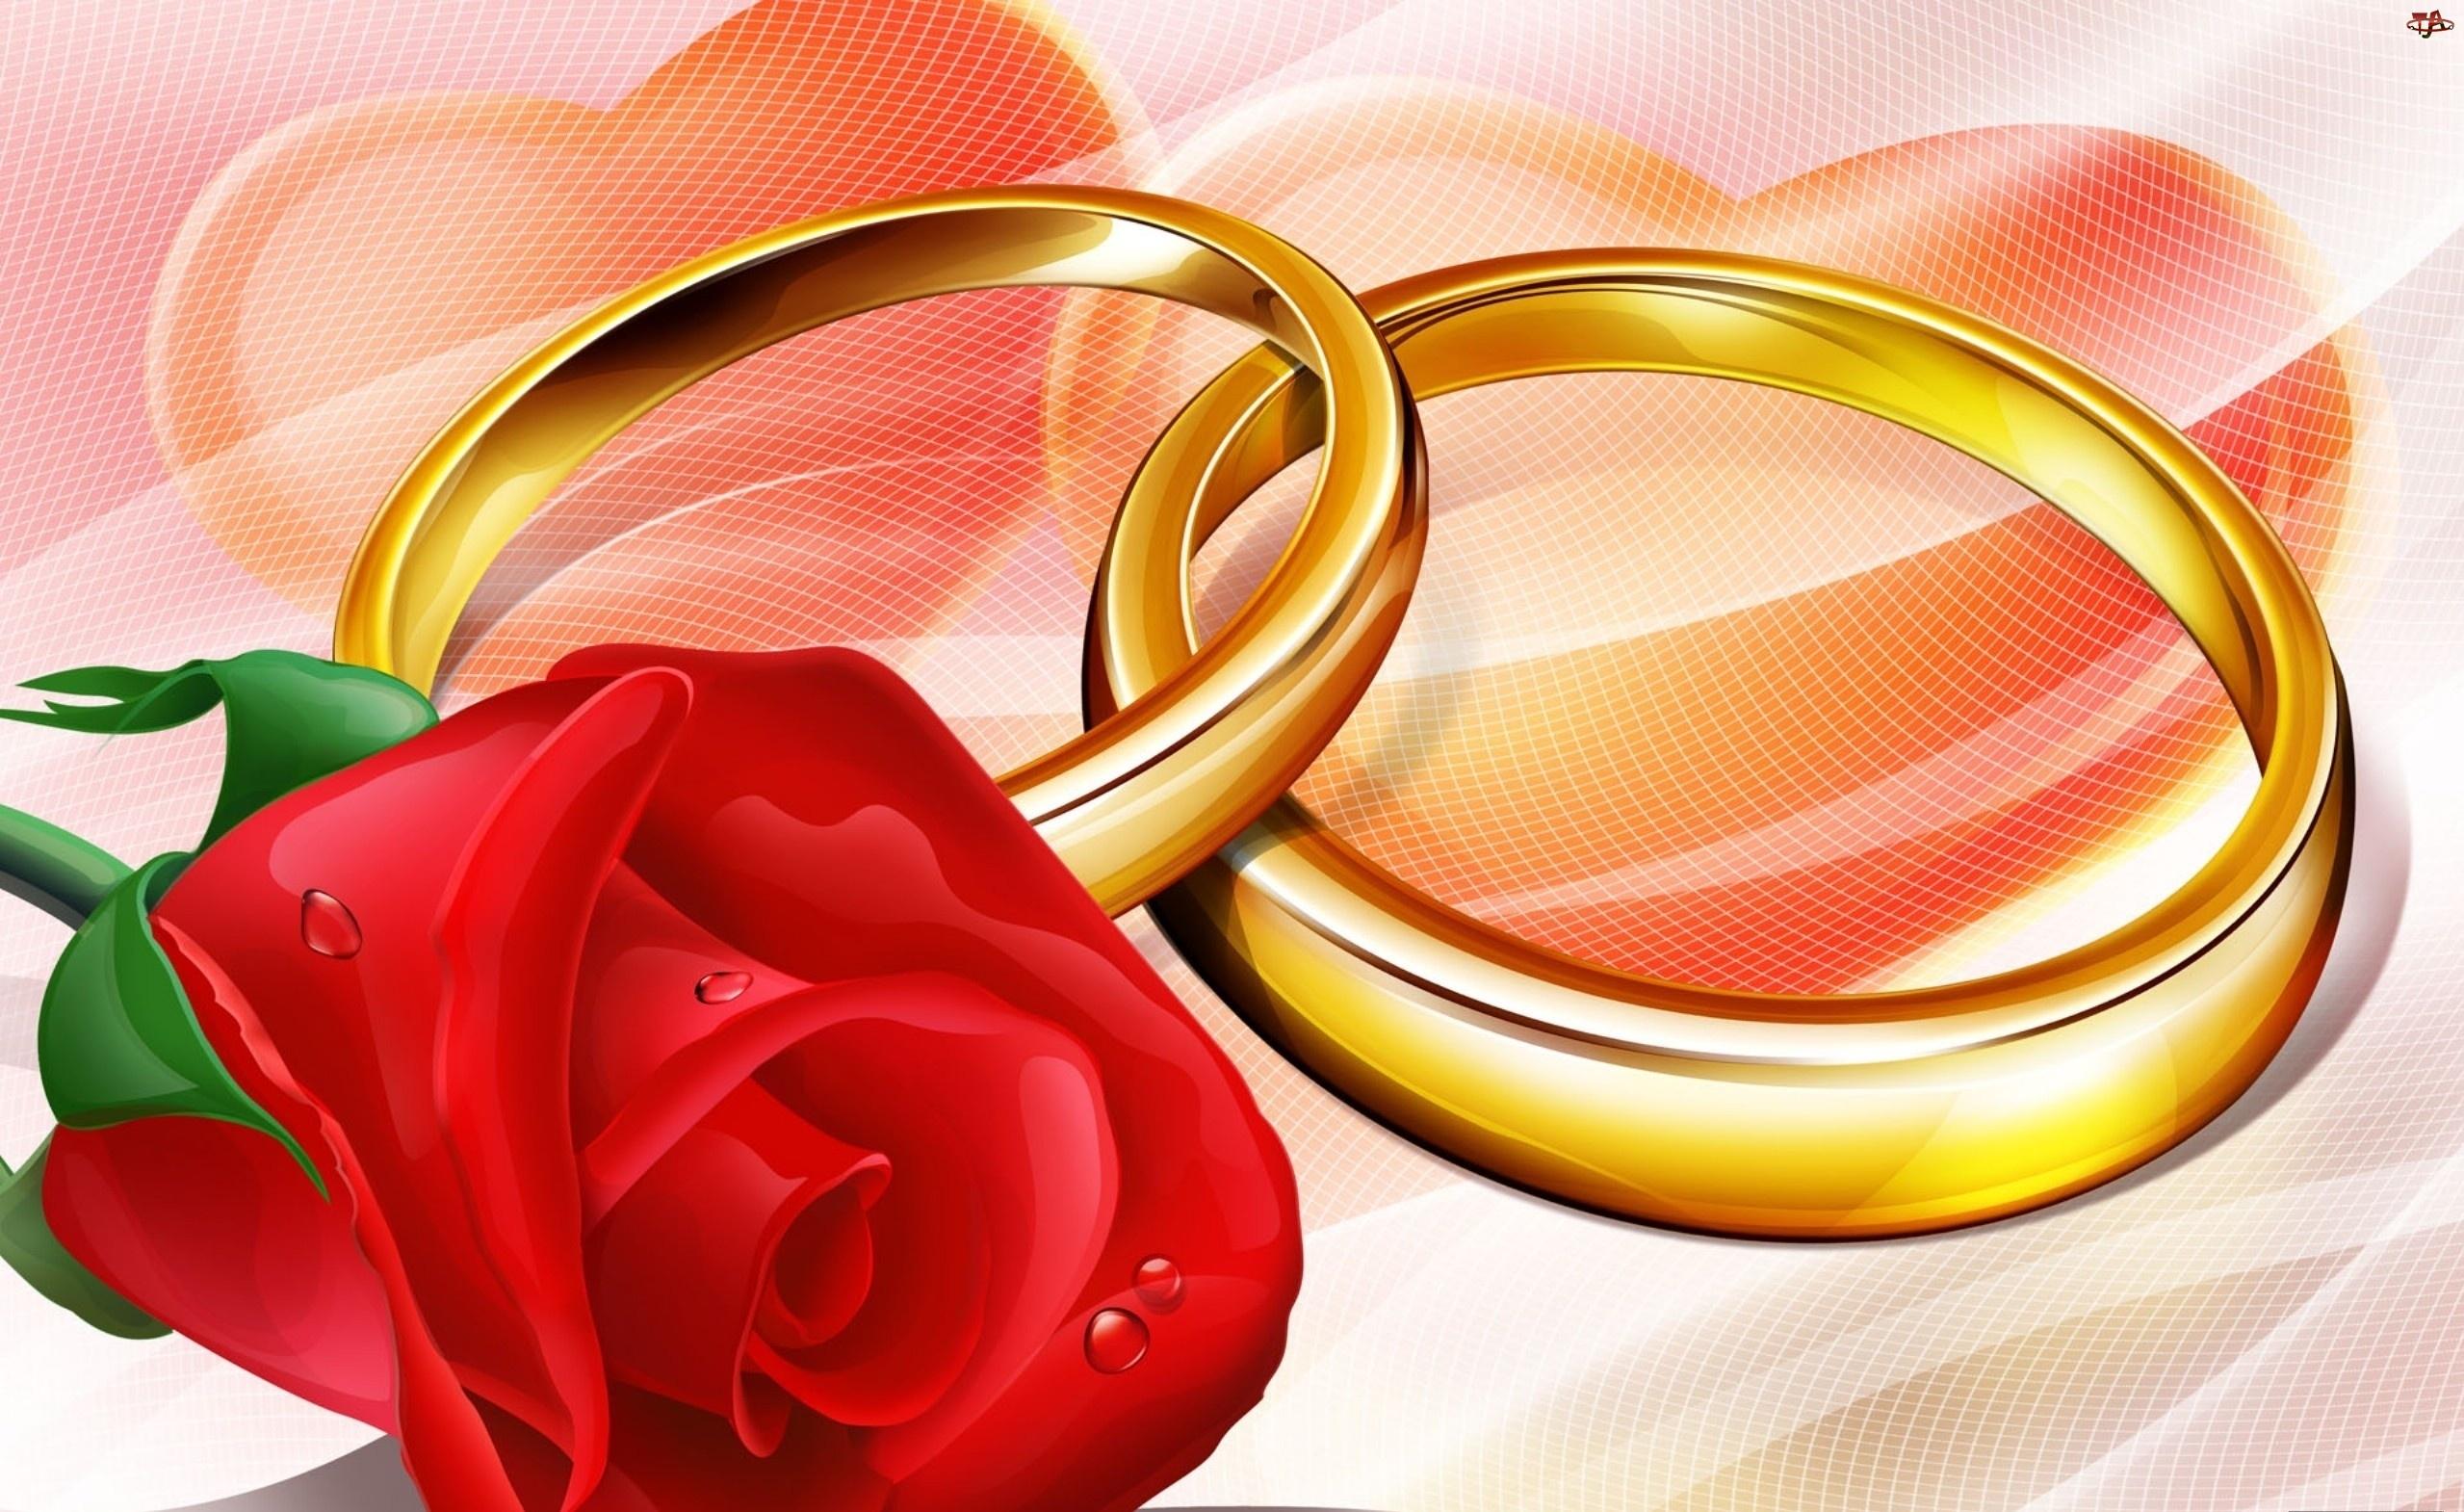 Róża, Obrączki, Czerwona, Dwie